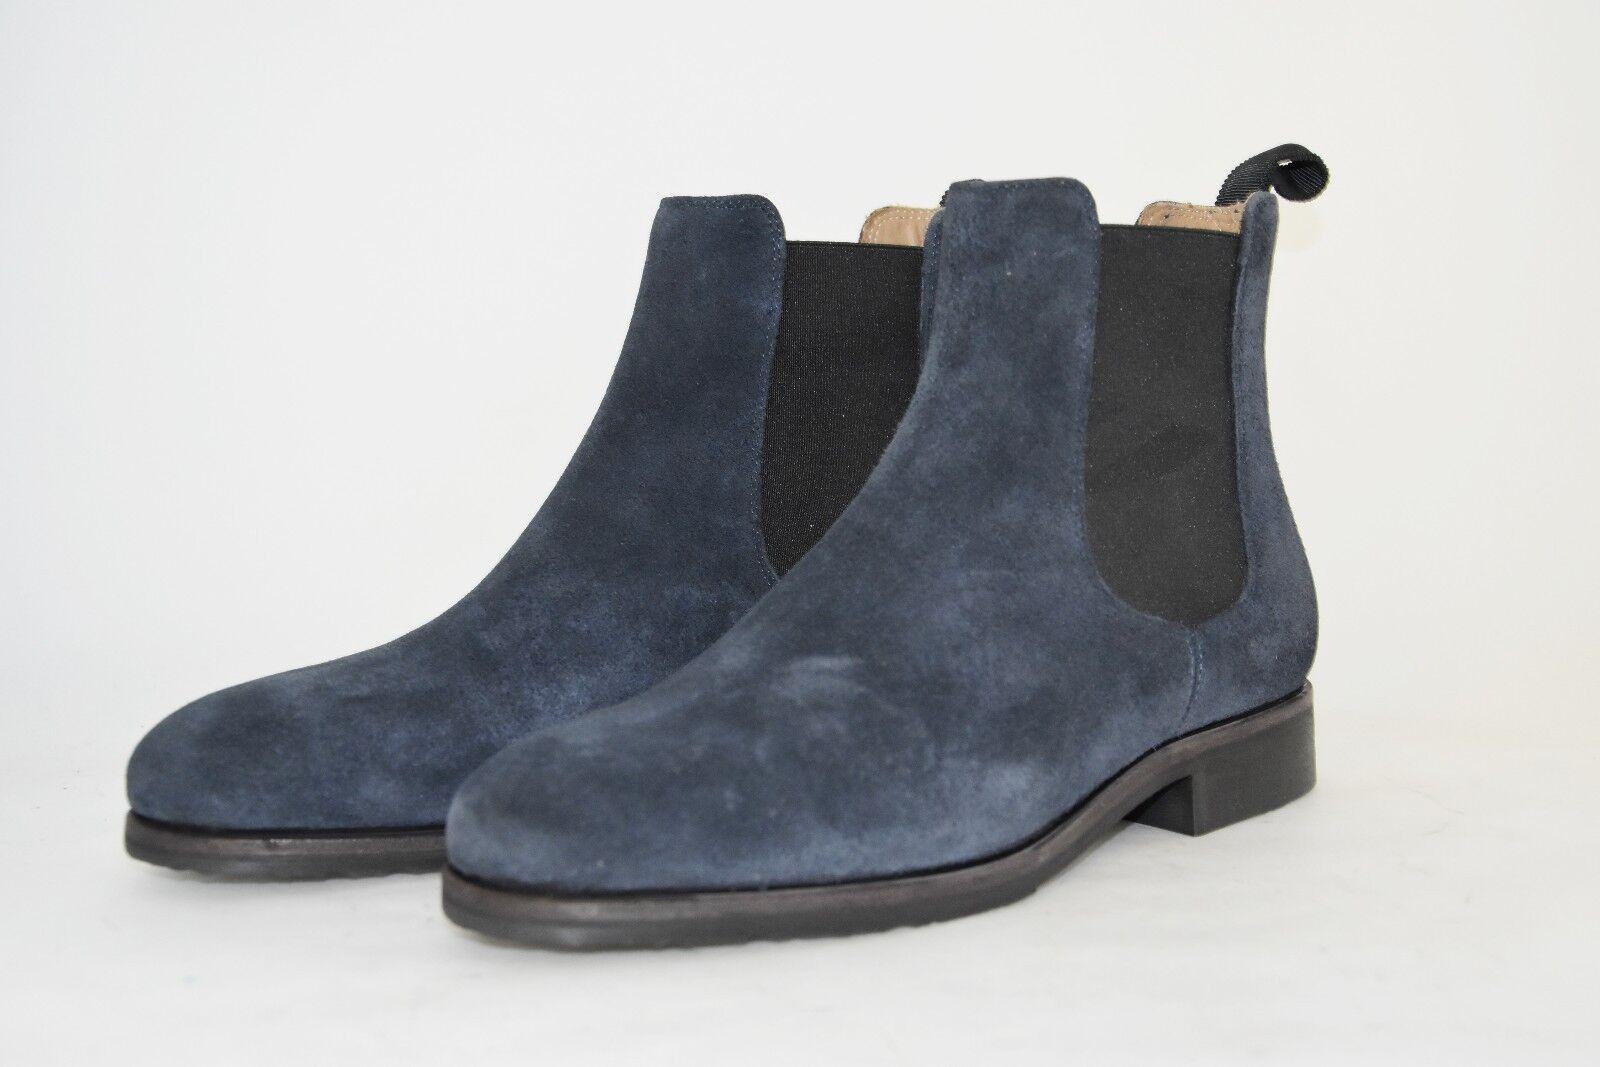 caldo MAN-5eu-6us-BEATLES BOTT- NAVY SUEDE - CAMOSCIO BLU - - - RUBBER SOLE - SUOLA GOMMA  designer online